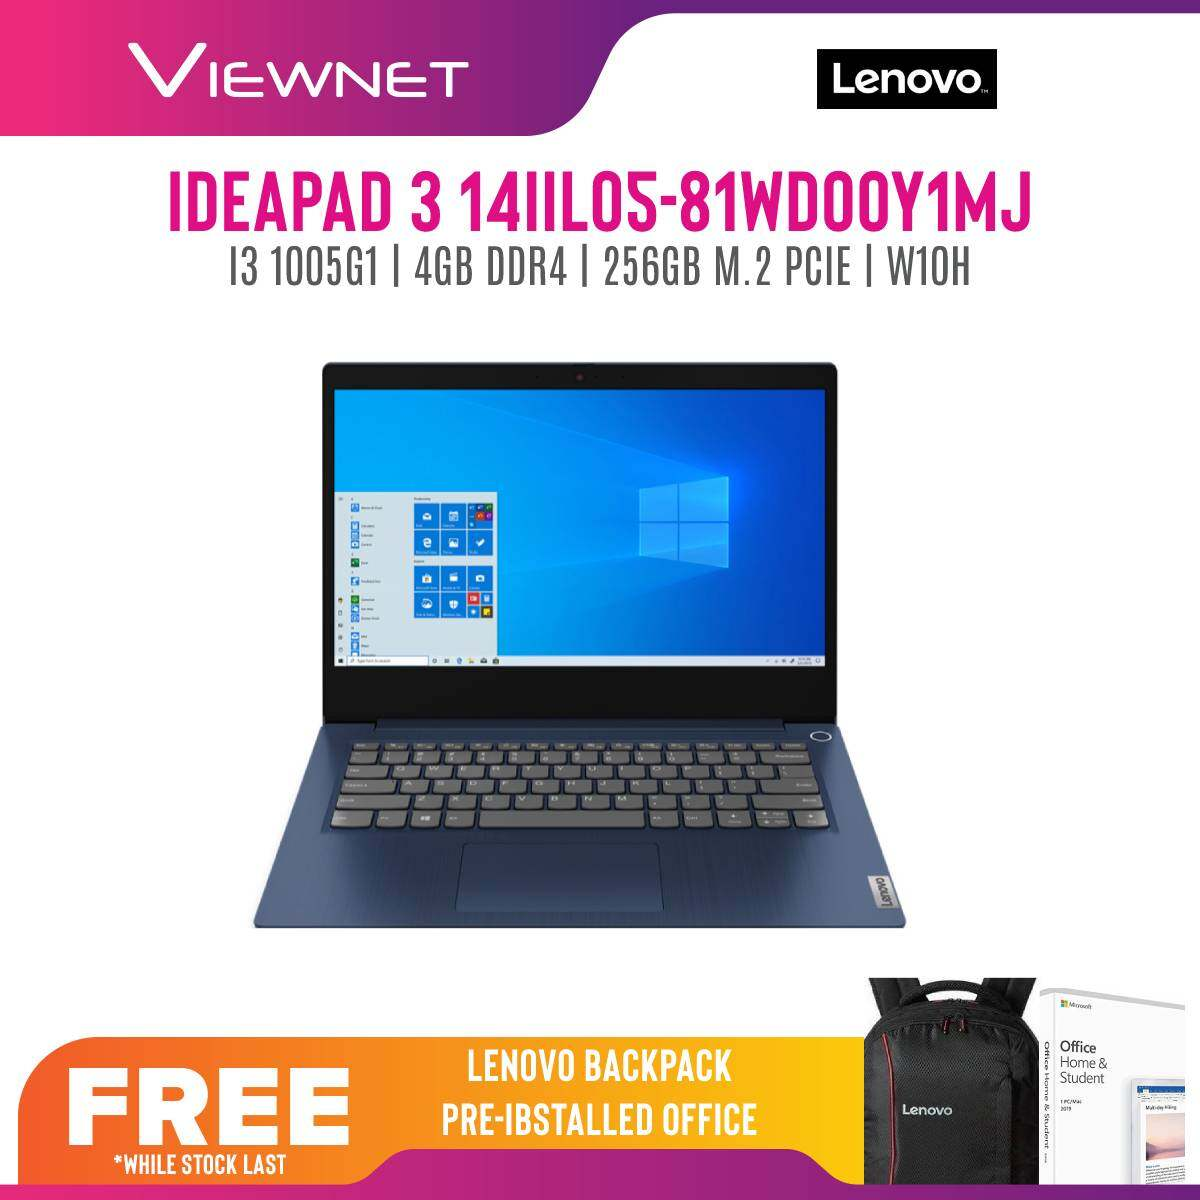 LENOVO IDEAPAD 3 IP3-14IIL05 81WD00Y0MJ/ 81WD00Y1MJ LAPTOP (I3-1005G1/4GB/256GB SSD/14 FHD/W10/OFF H&S 2019/1YR)